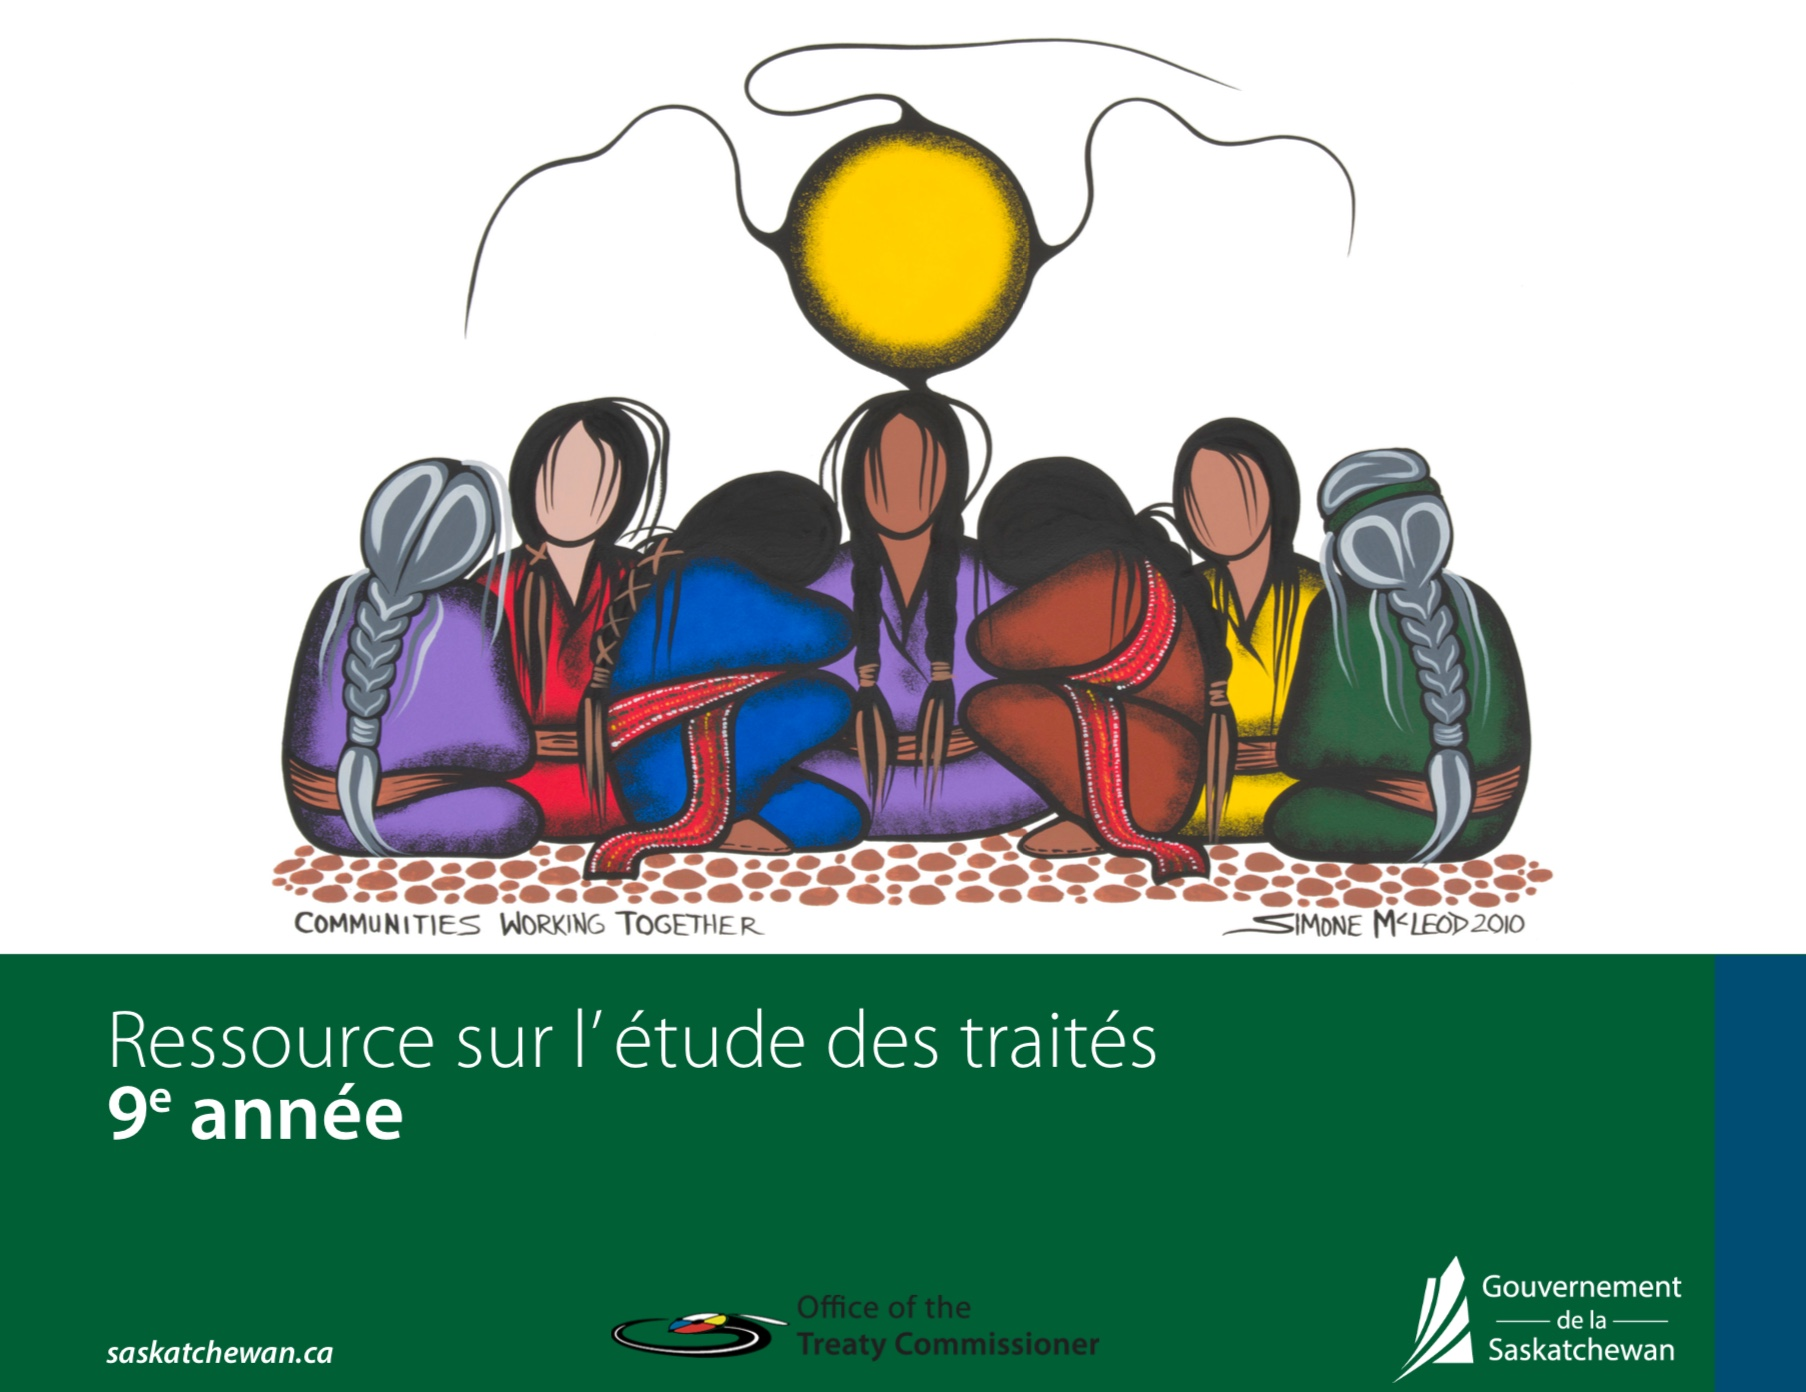 Ressource sur l' étude des traités - 9e année